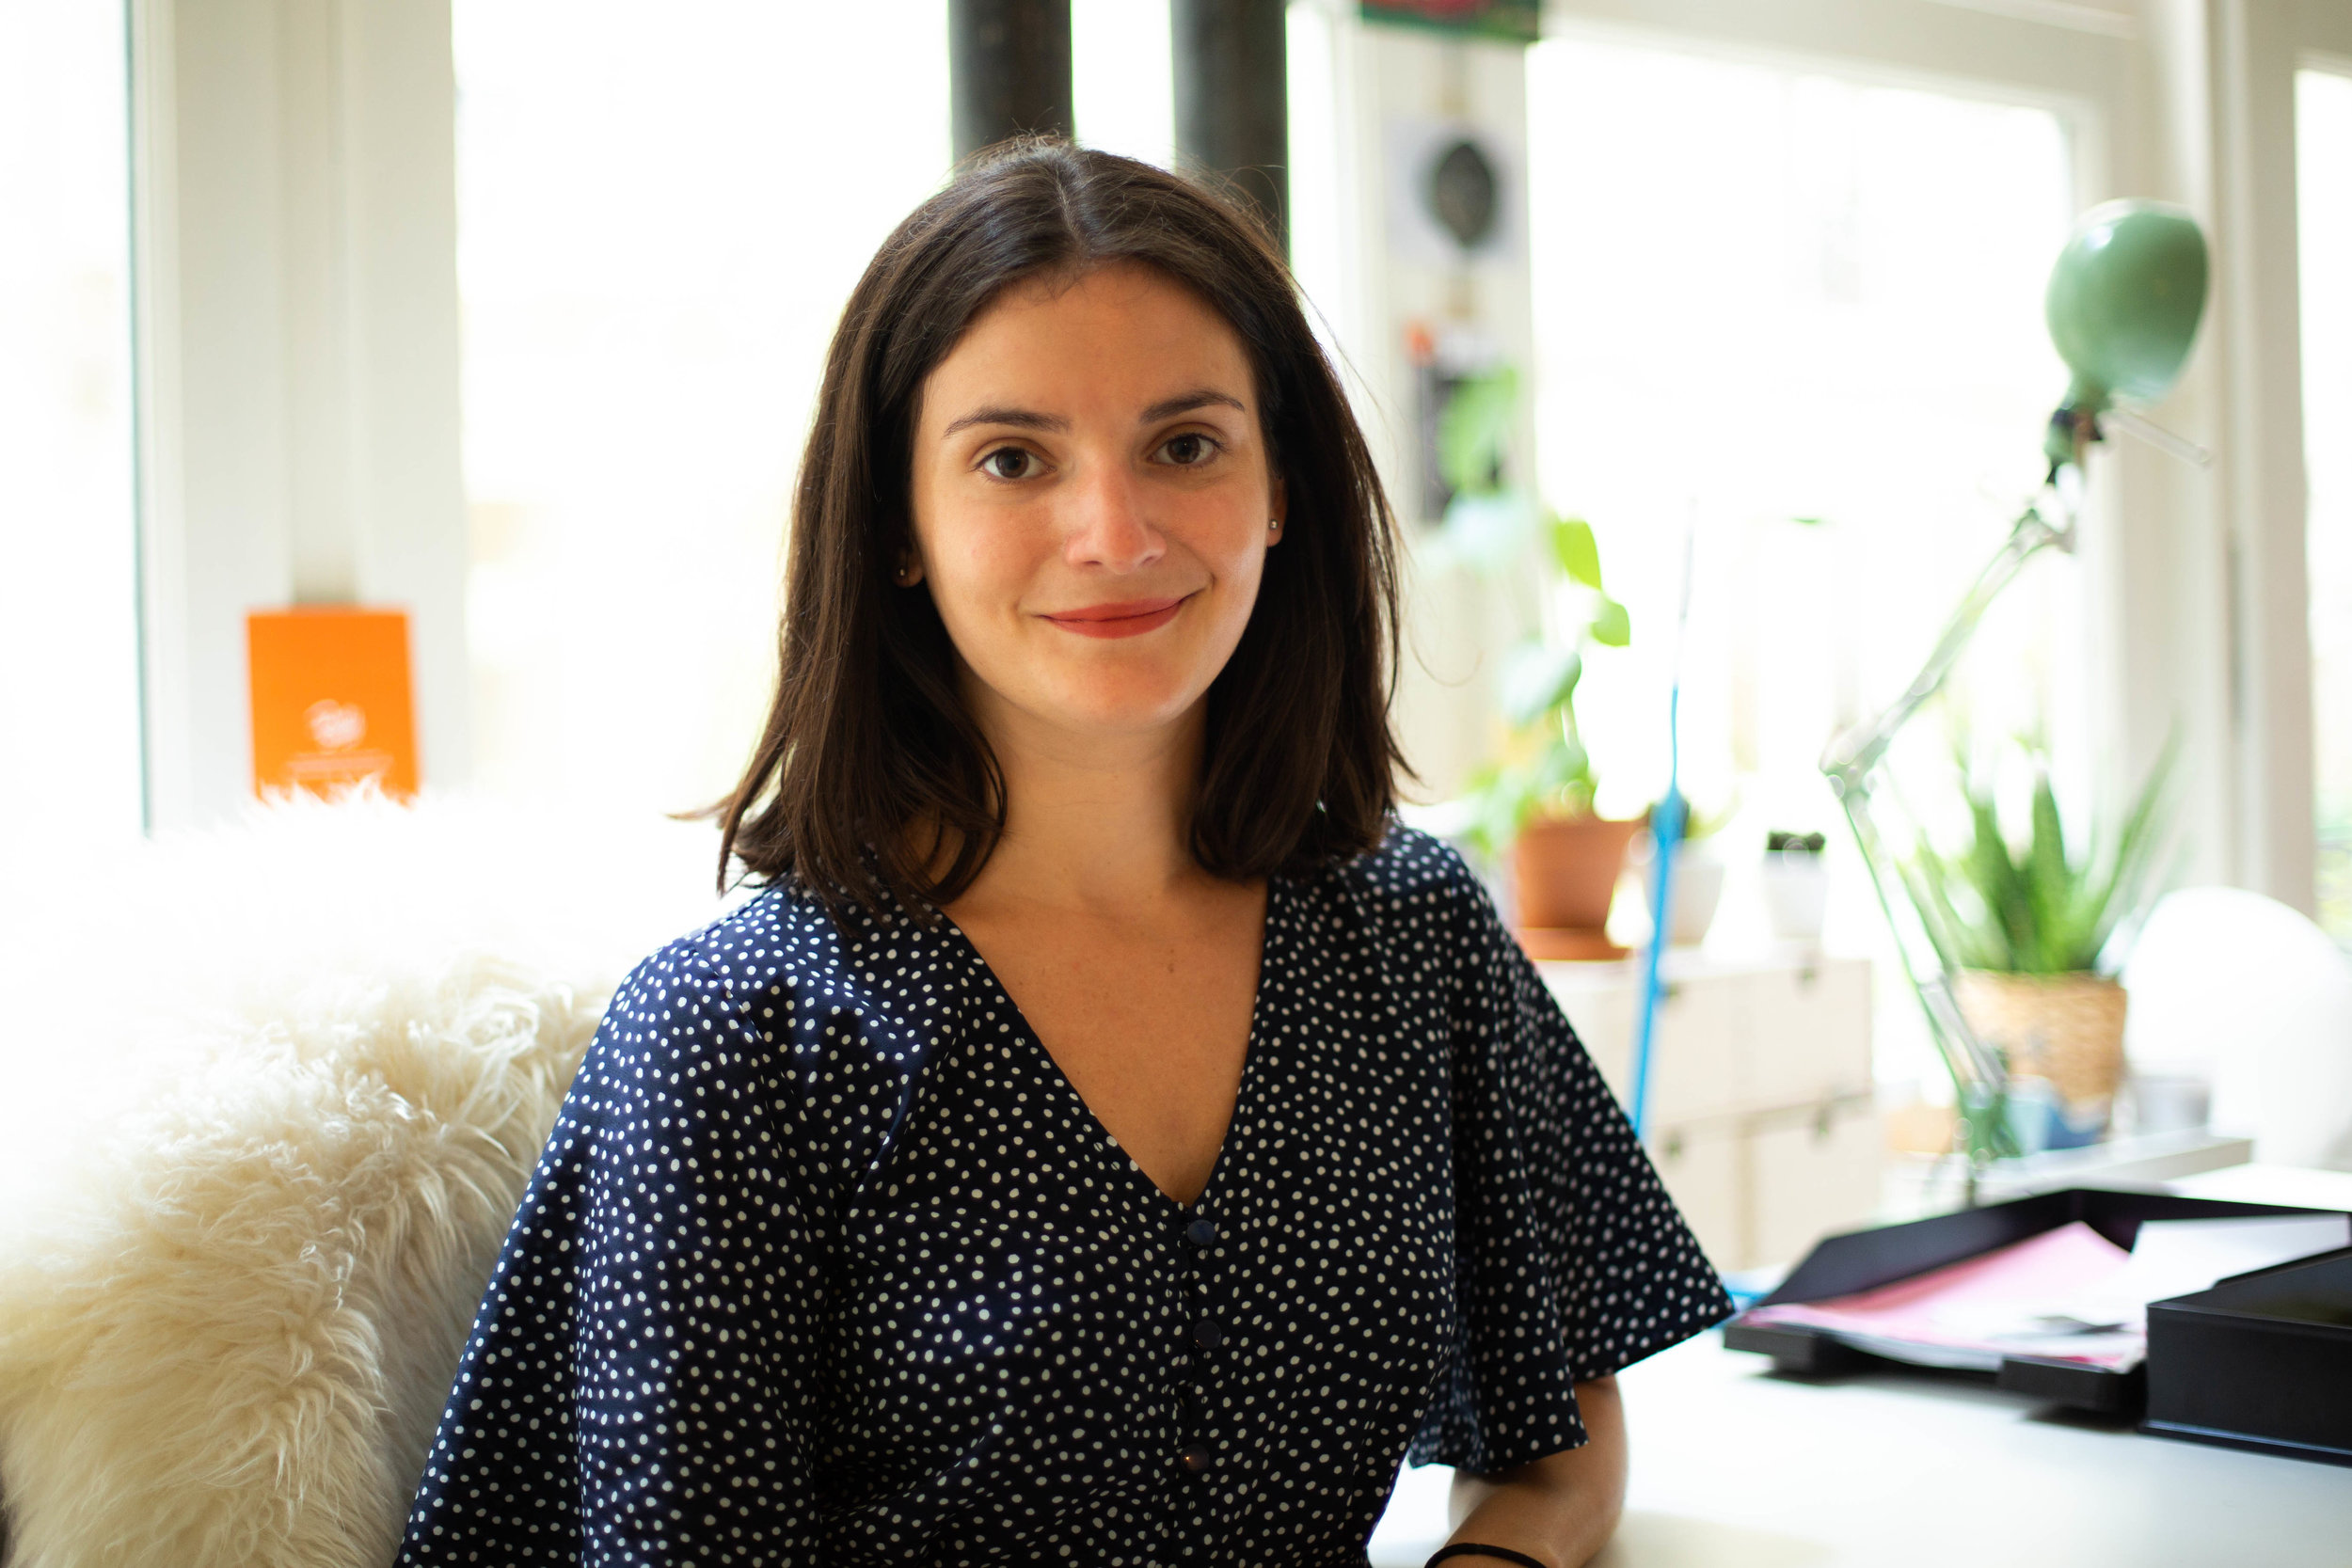 Sophie da costa - Production Assistantcontact@o2bfilms.com